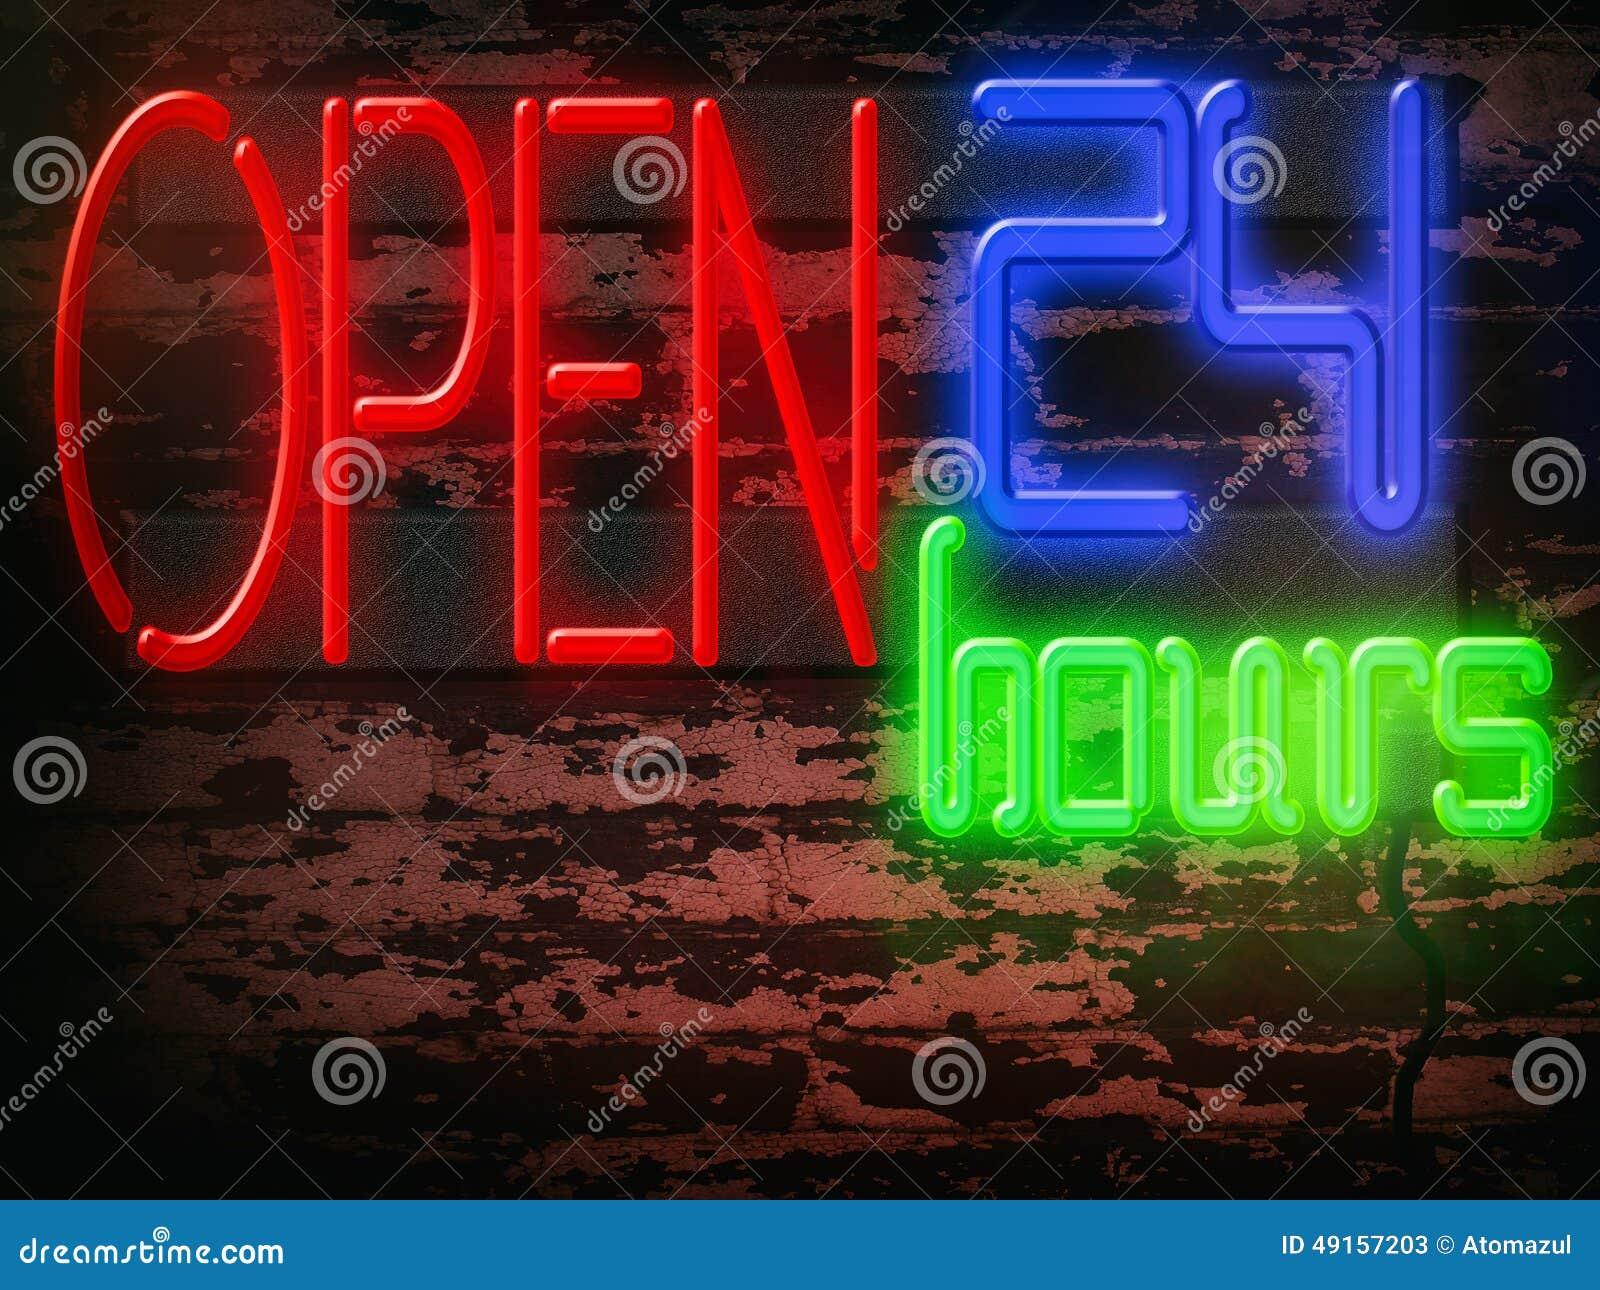 Neon Sign Open 24 Hours